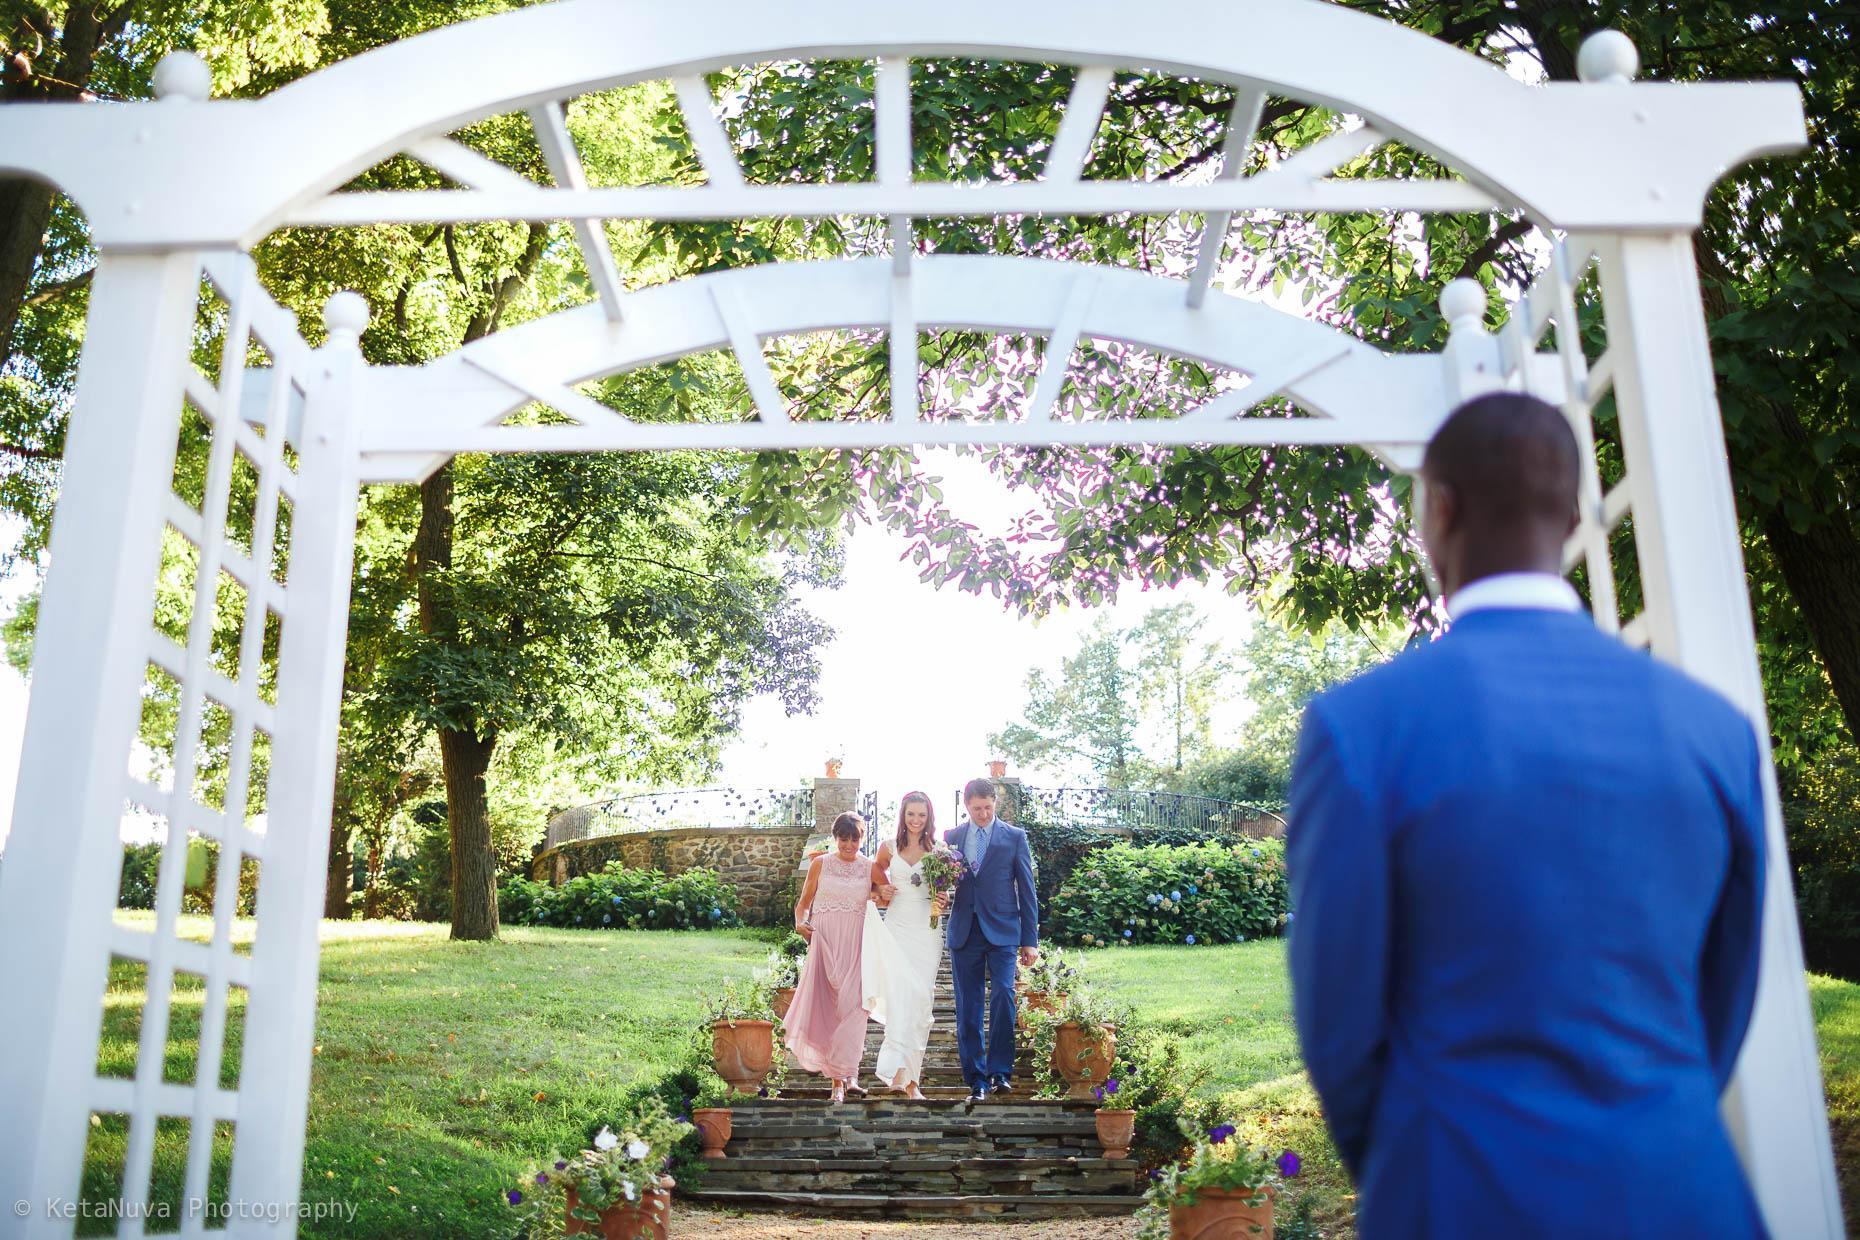 Sunken Garden - Lauxmont Farms Wedding   Aubrey & Barrett Lauxmont Farms Wedding Sunken Garden33